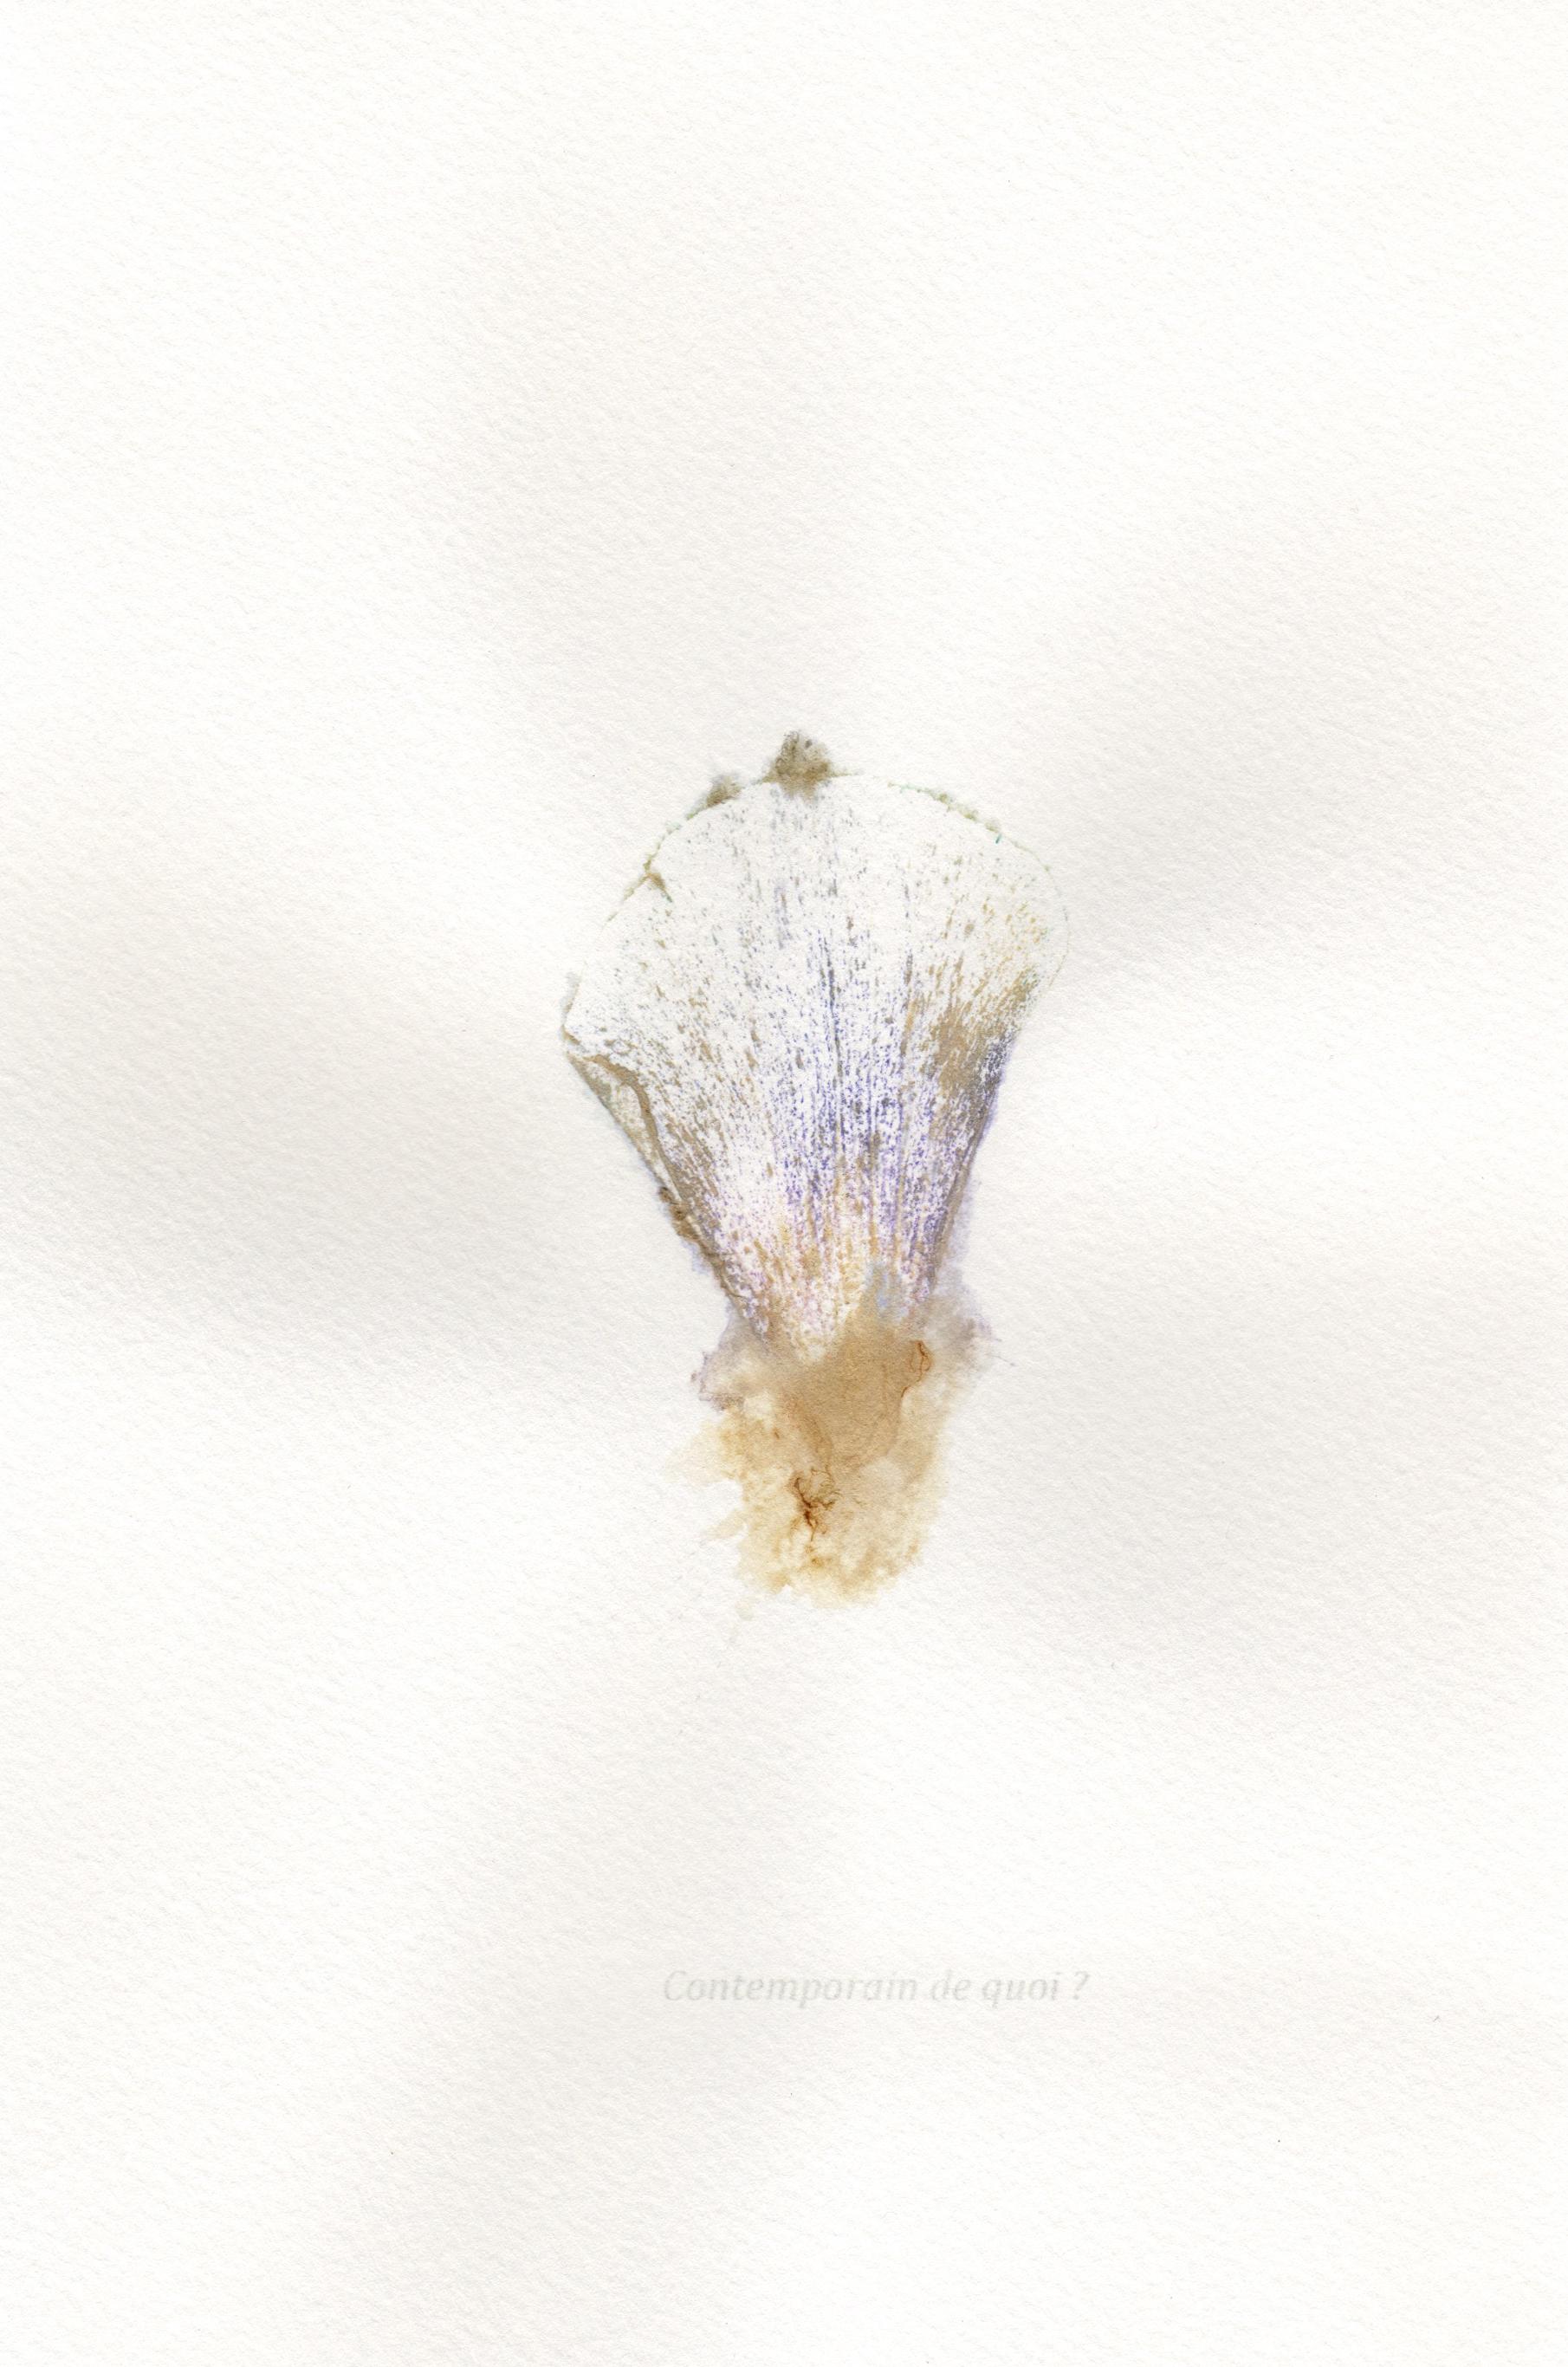 """Jérémie Bennequin, """"Contemporain de quoi?"""", 24 x 16 cm, pigment naturel de fleur sur papier, 2016"""